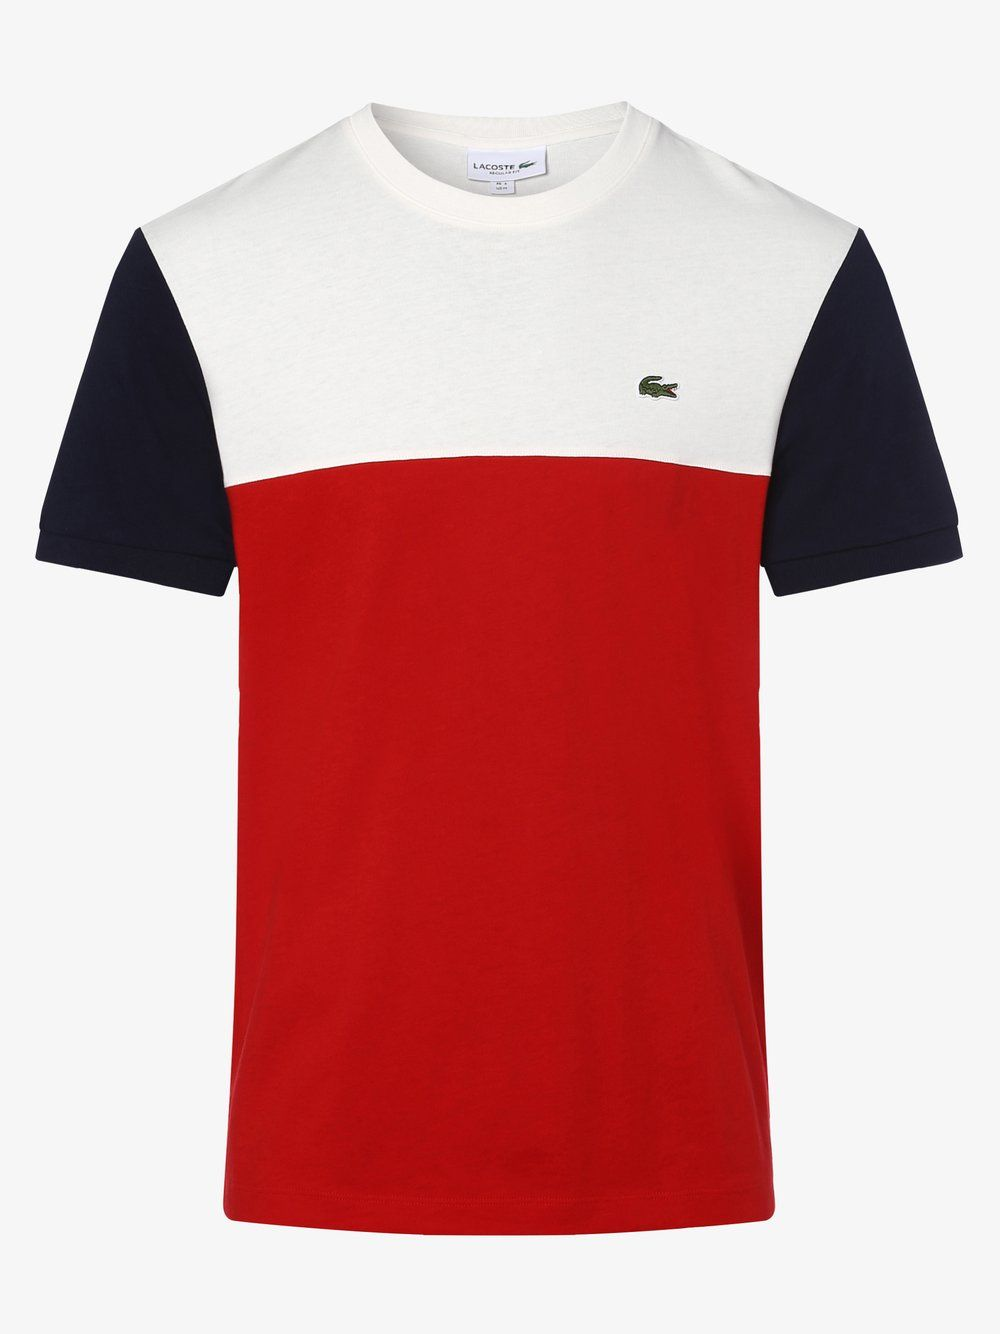 Lacoste Herren T Shirt Online Kaufen In 2020 Hemd Lacoste Herren T Shirt